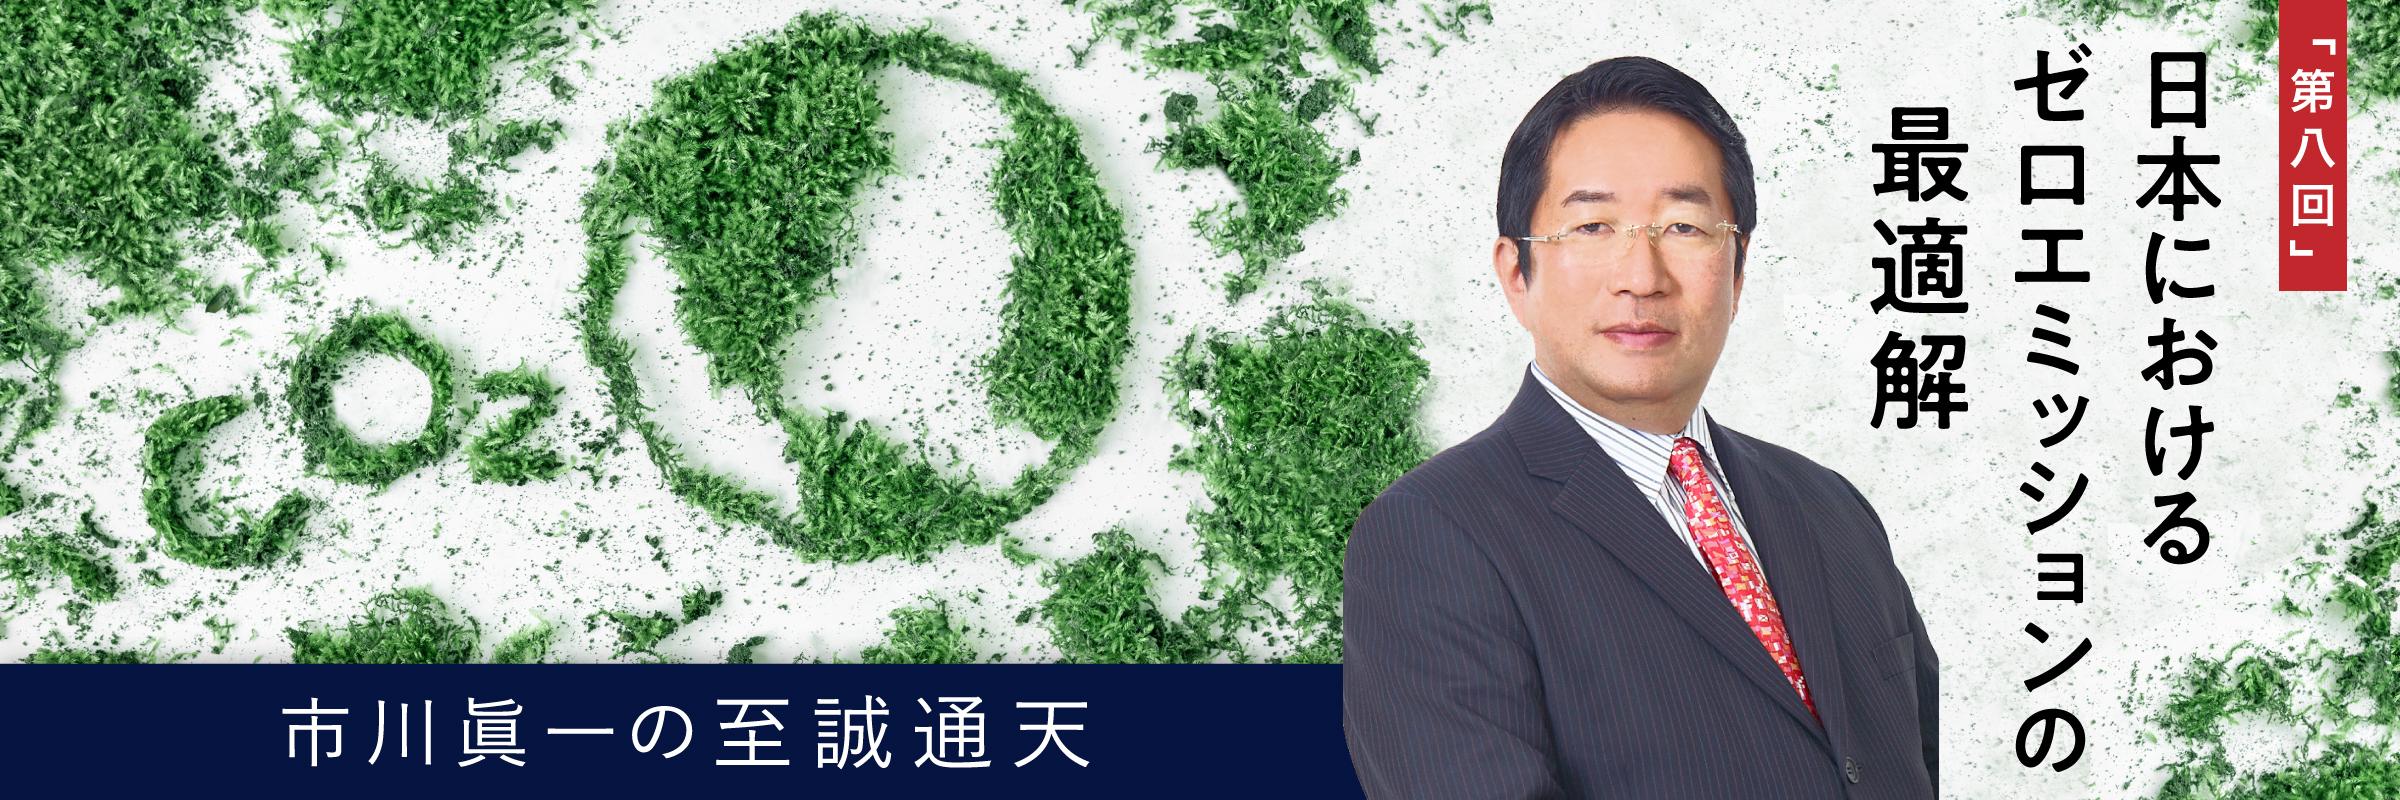 Ichikawa_08